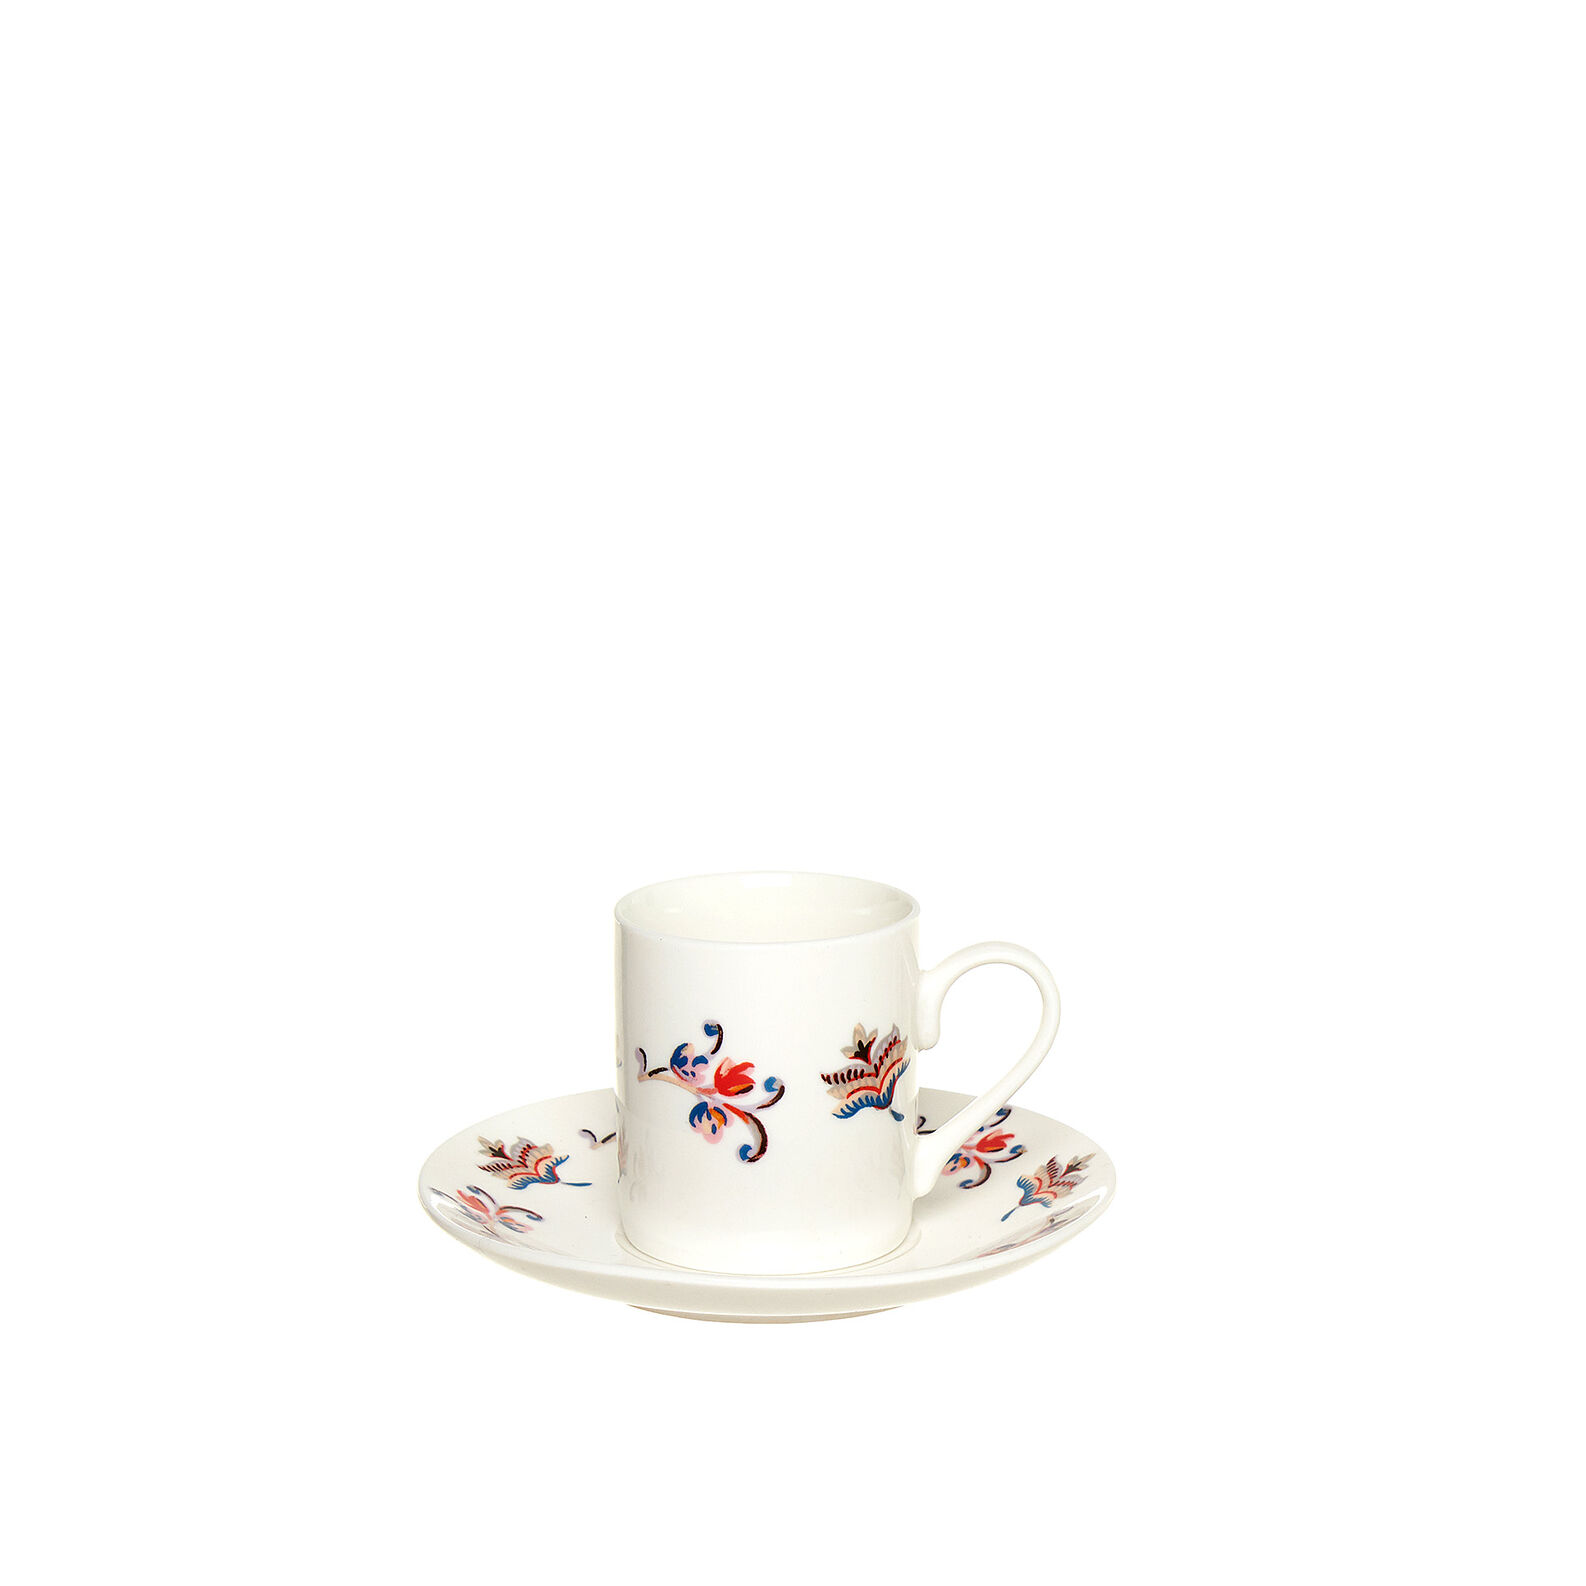 Tazza da caffè New Bone China decoro floreale